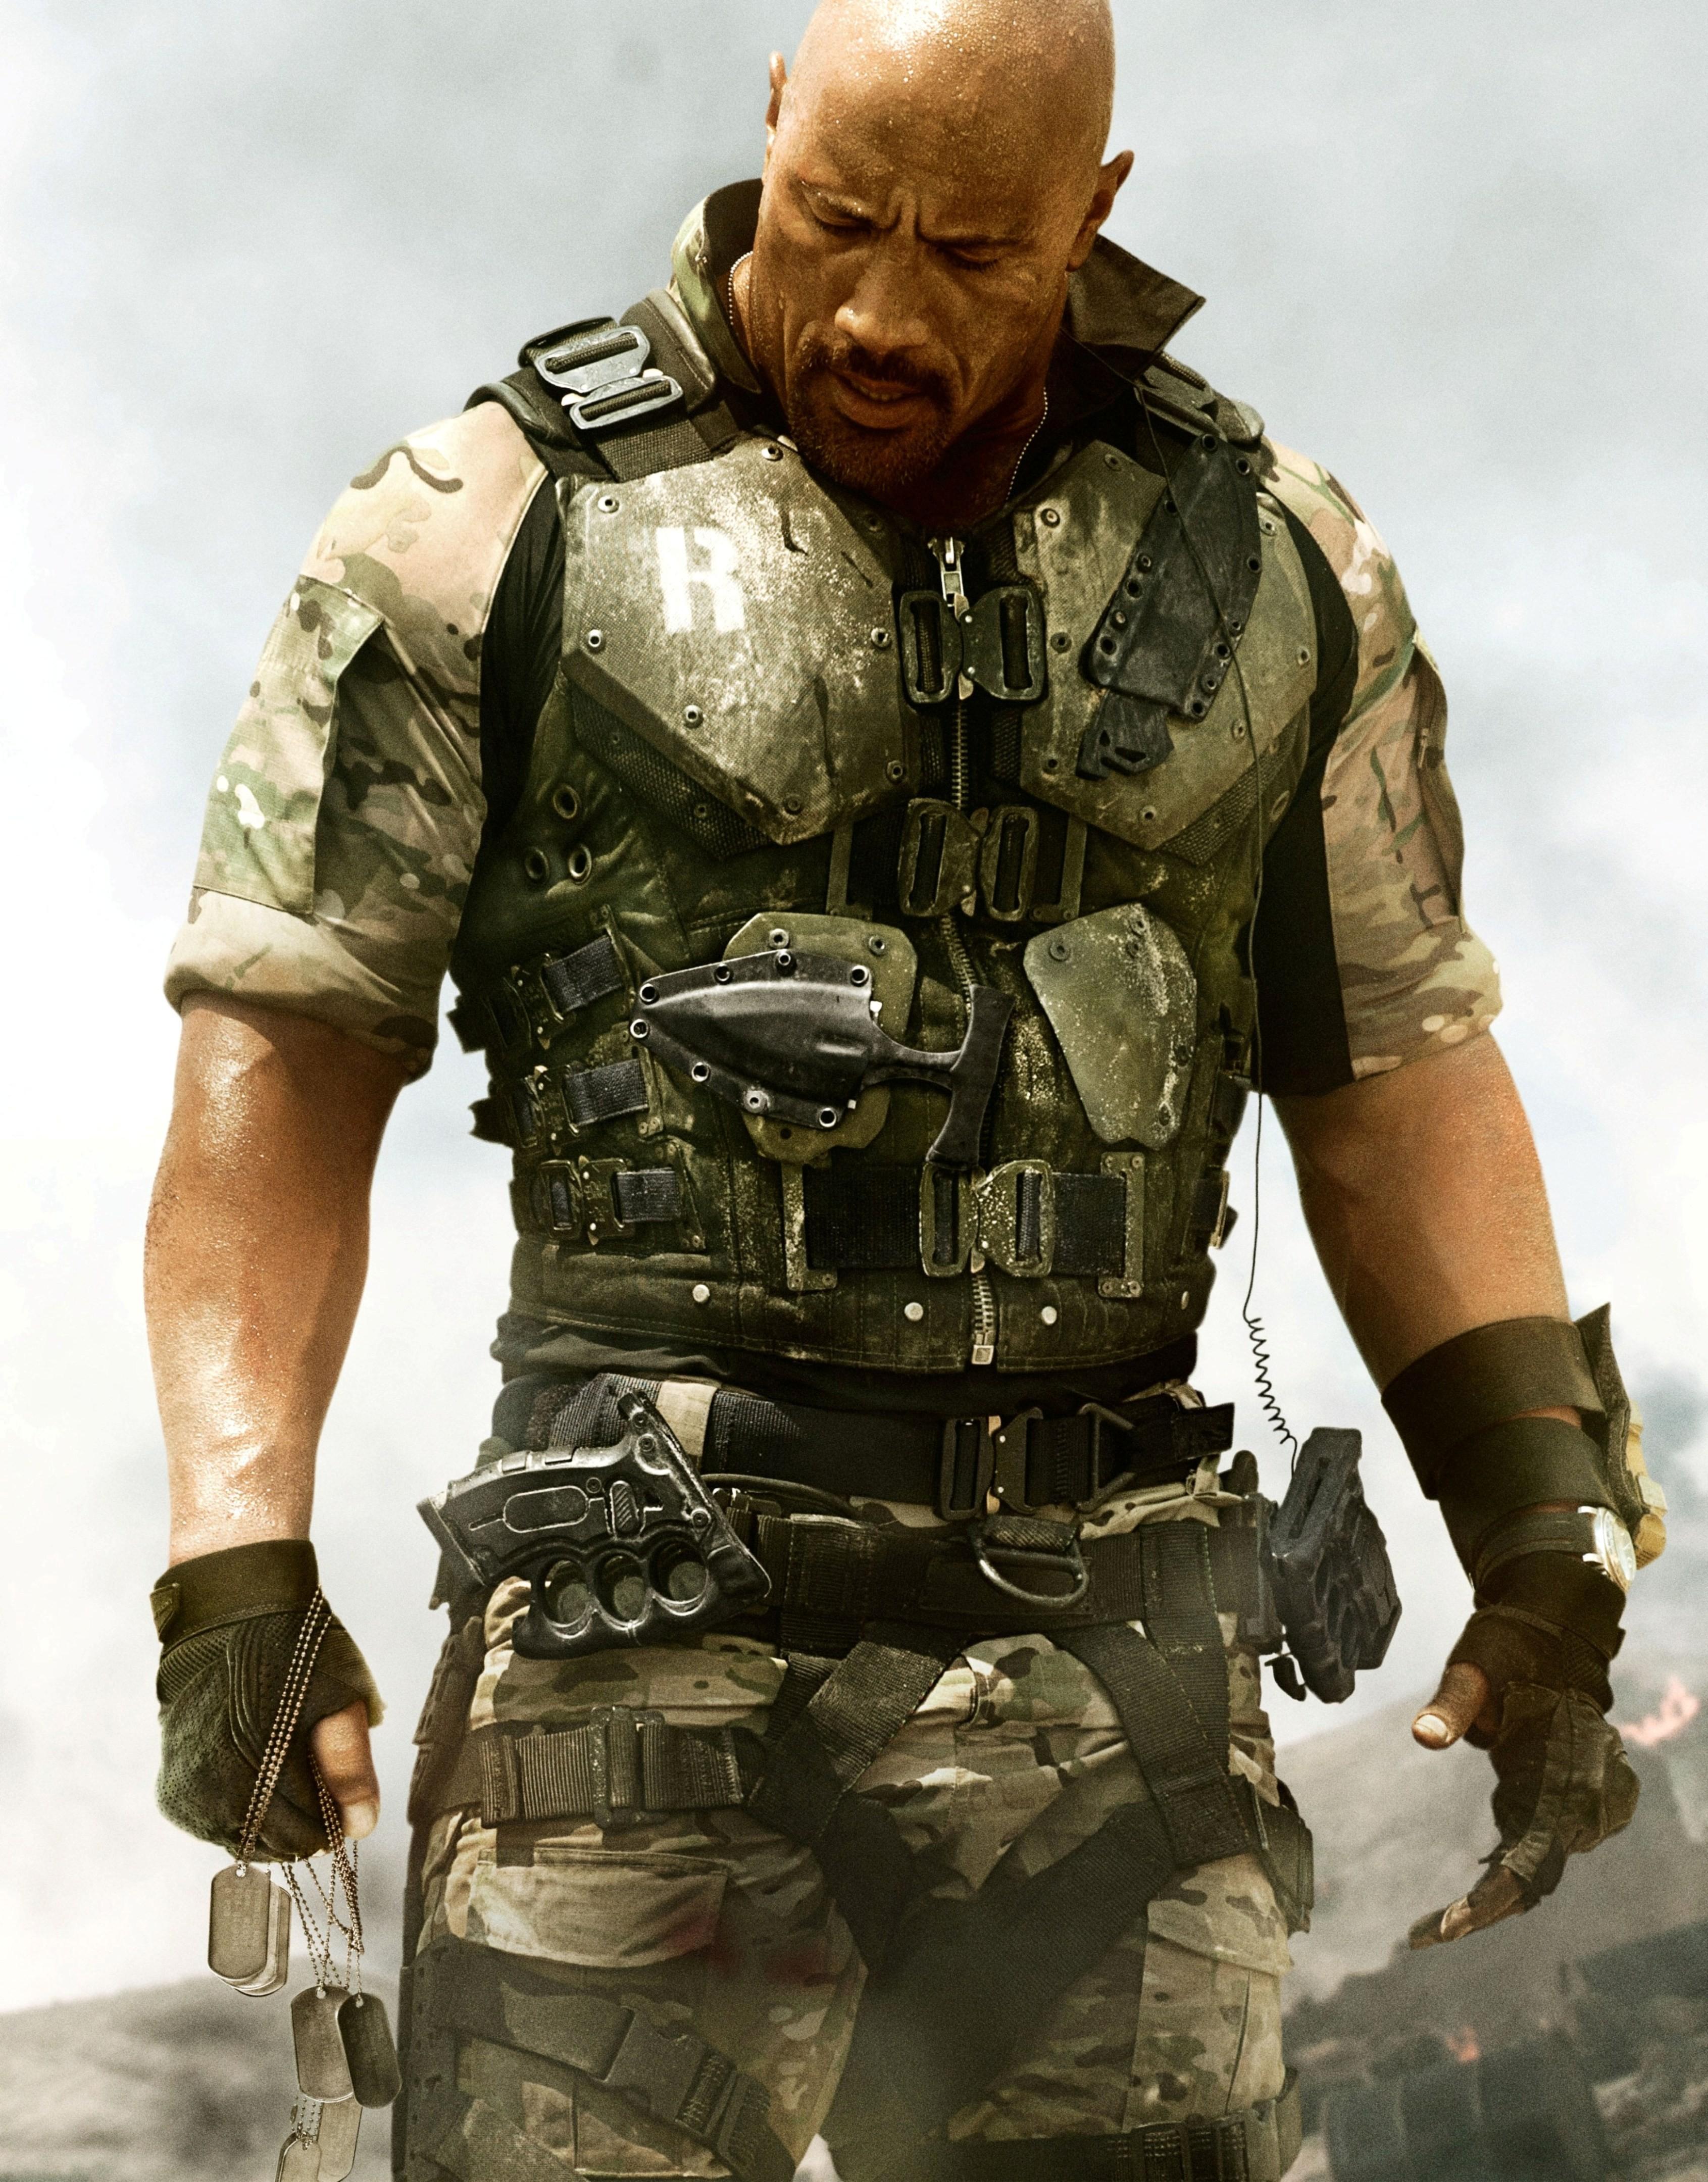 плакат фильма характер-постер textless G.I. Joe: Бросок кобры 2